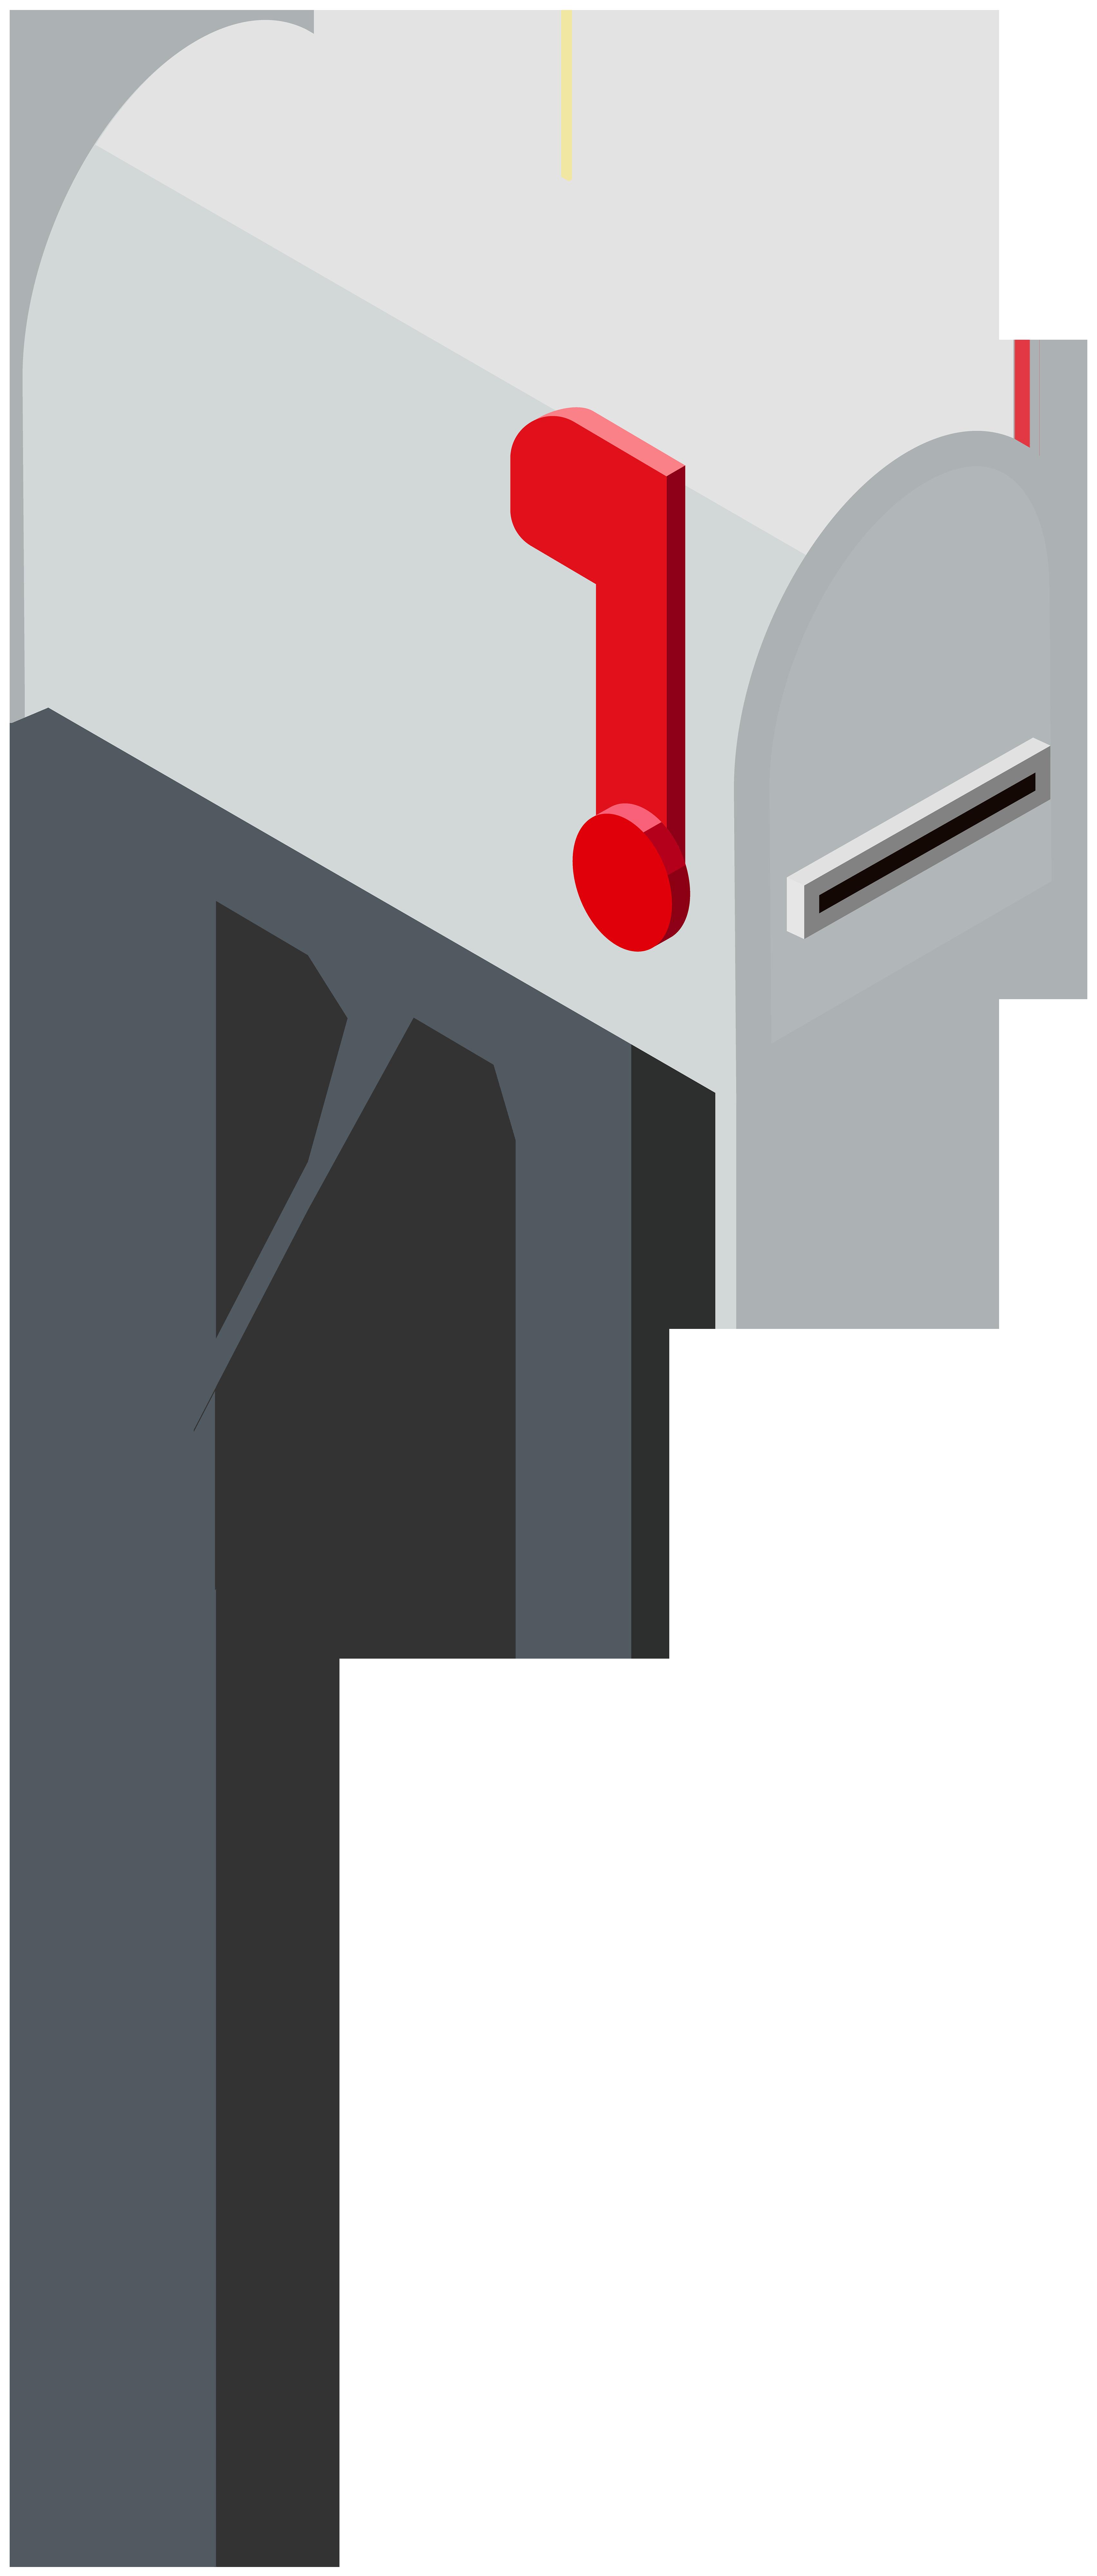 Mailbox clipart. Png clip art best